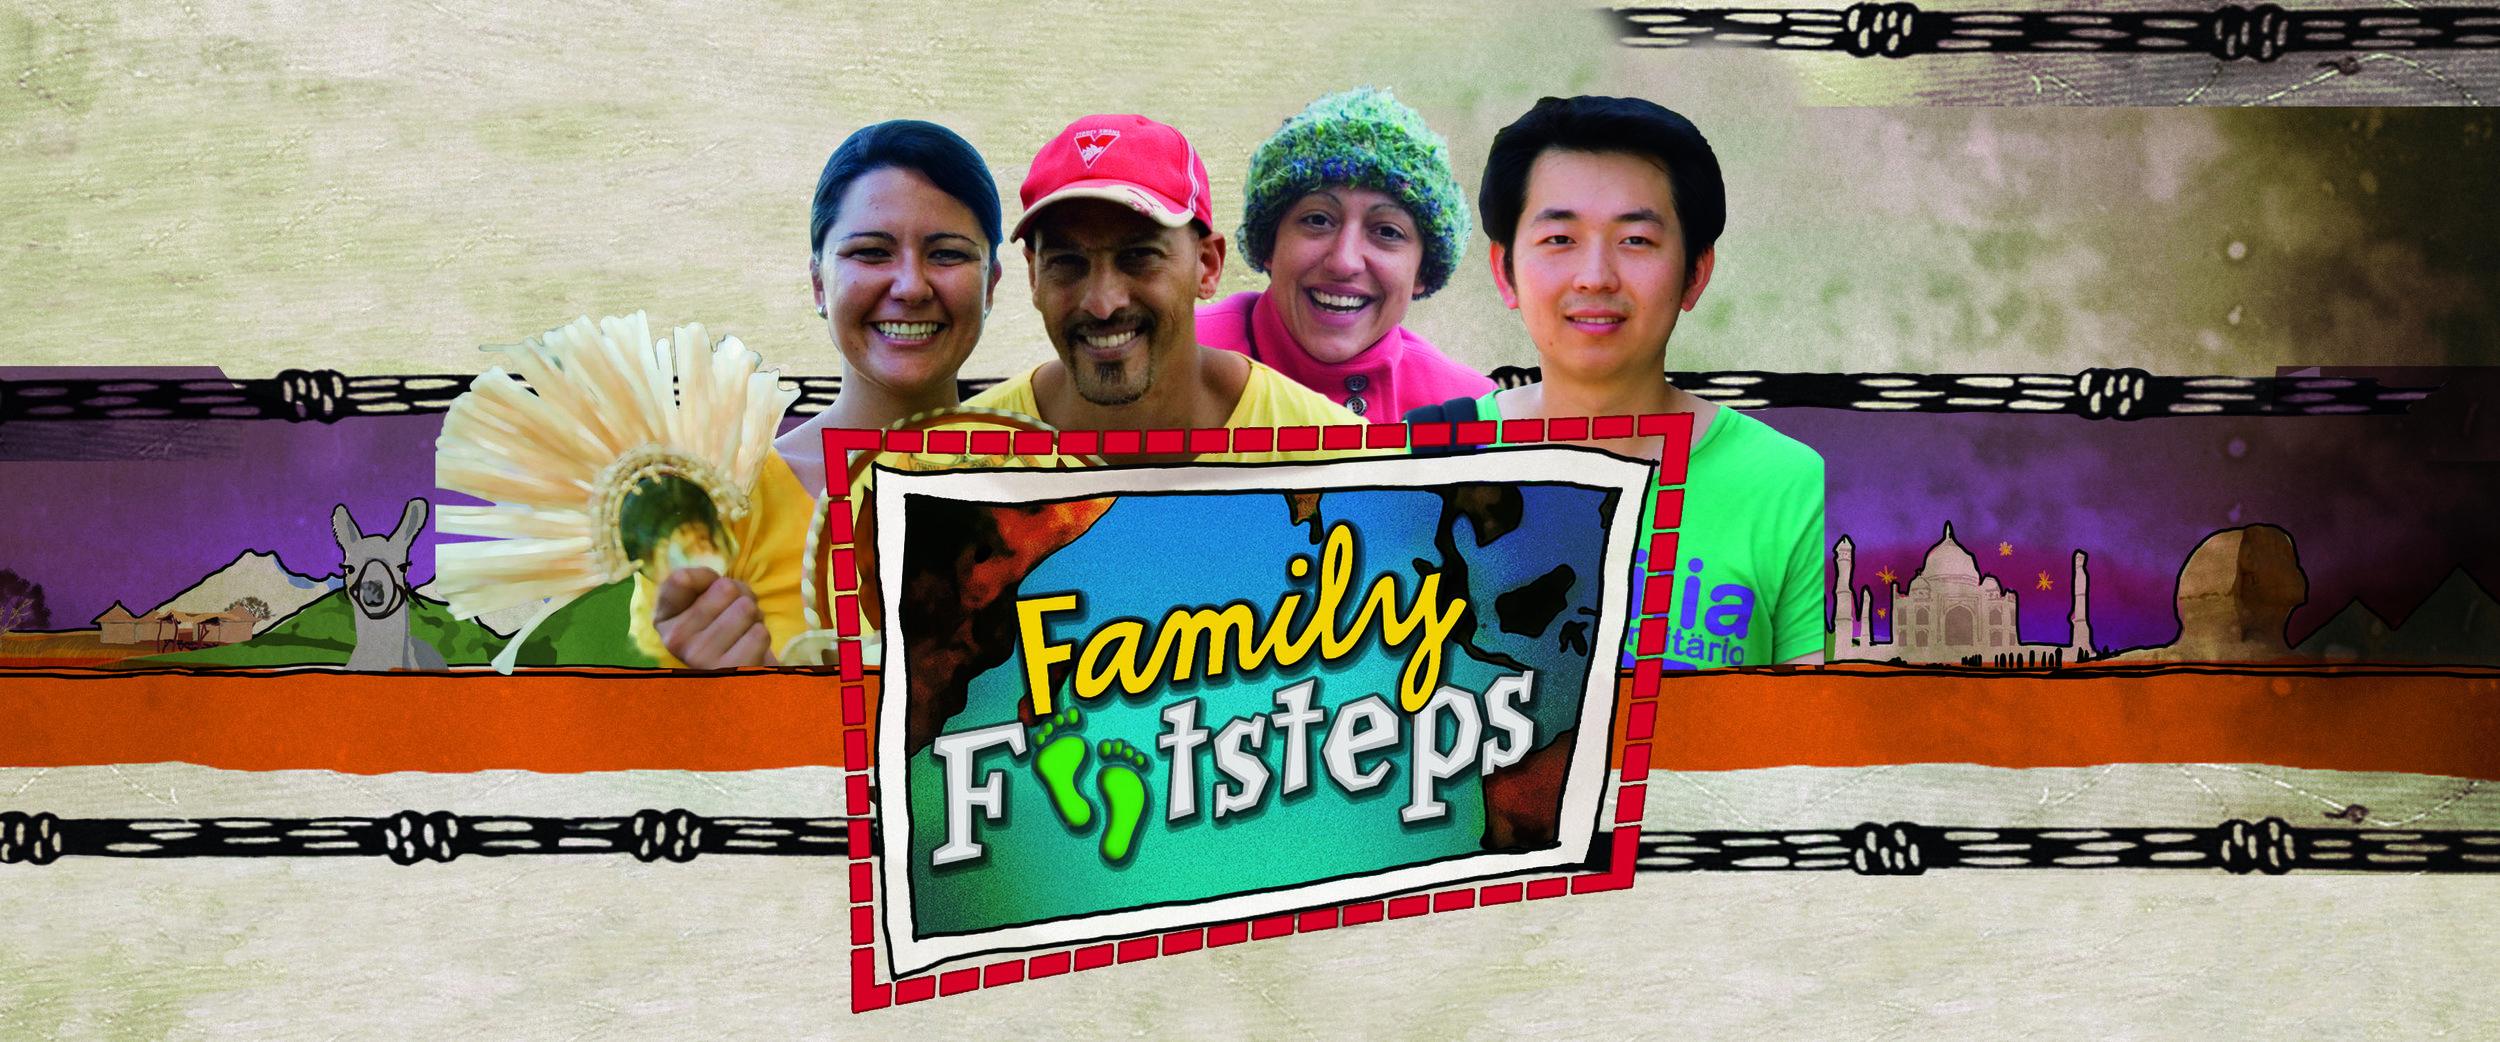 family footsteps website.jpg